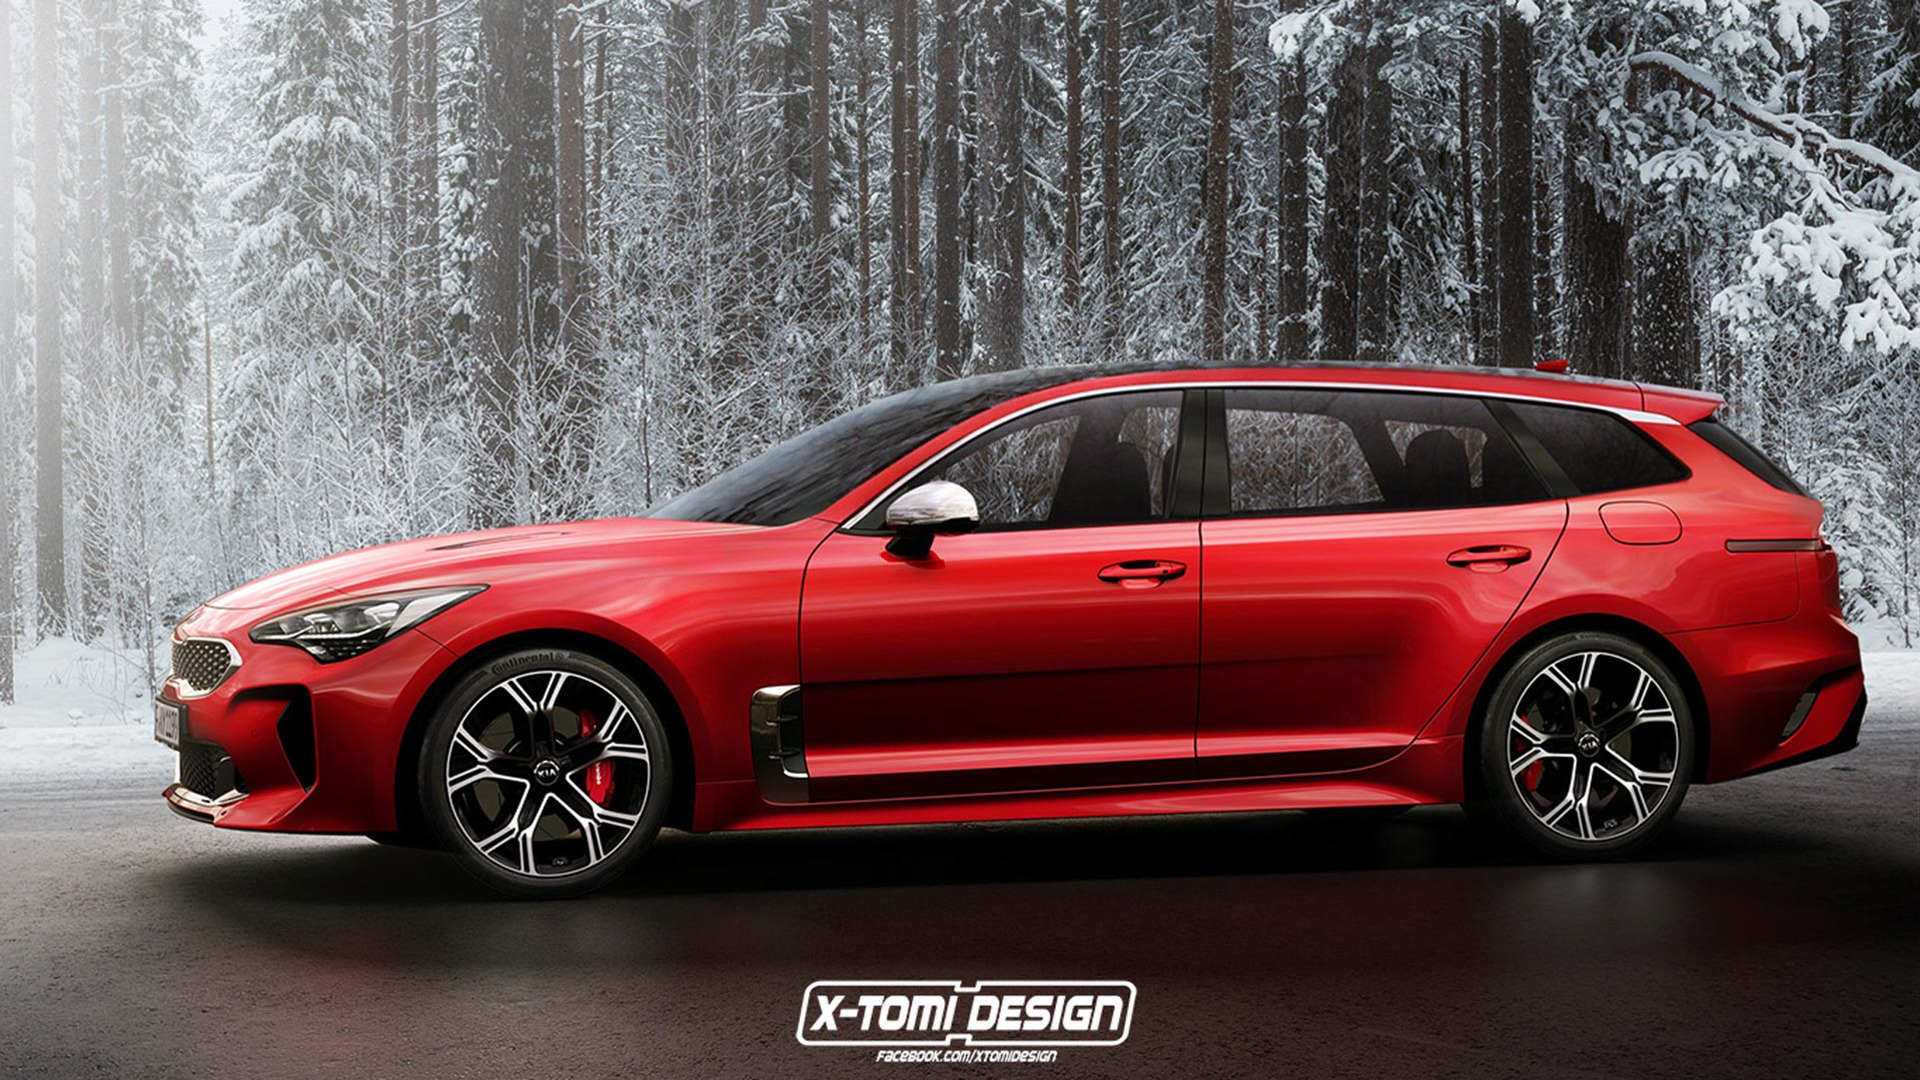 2020 Kia Gt Coupe Price